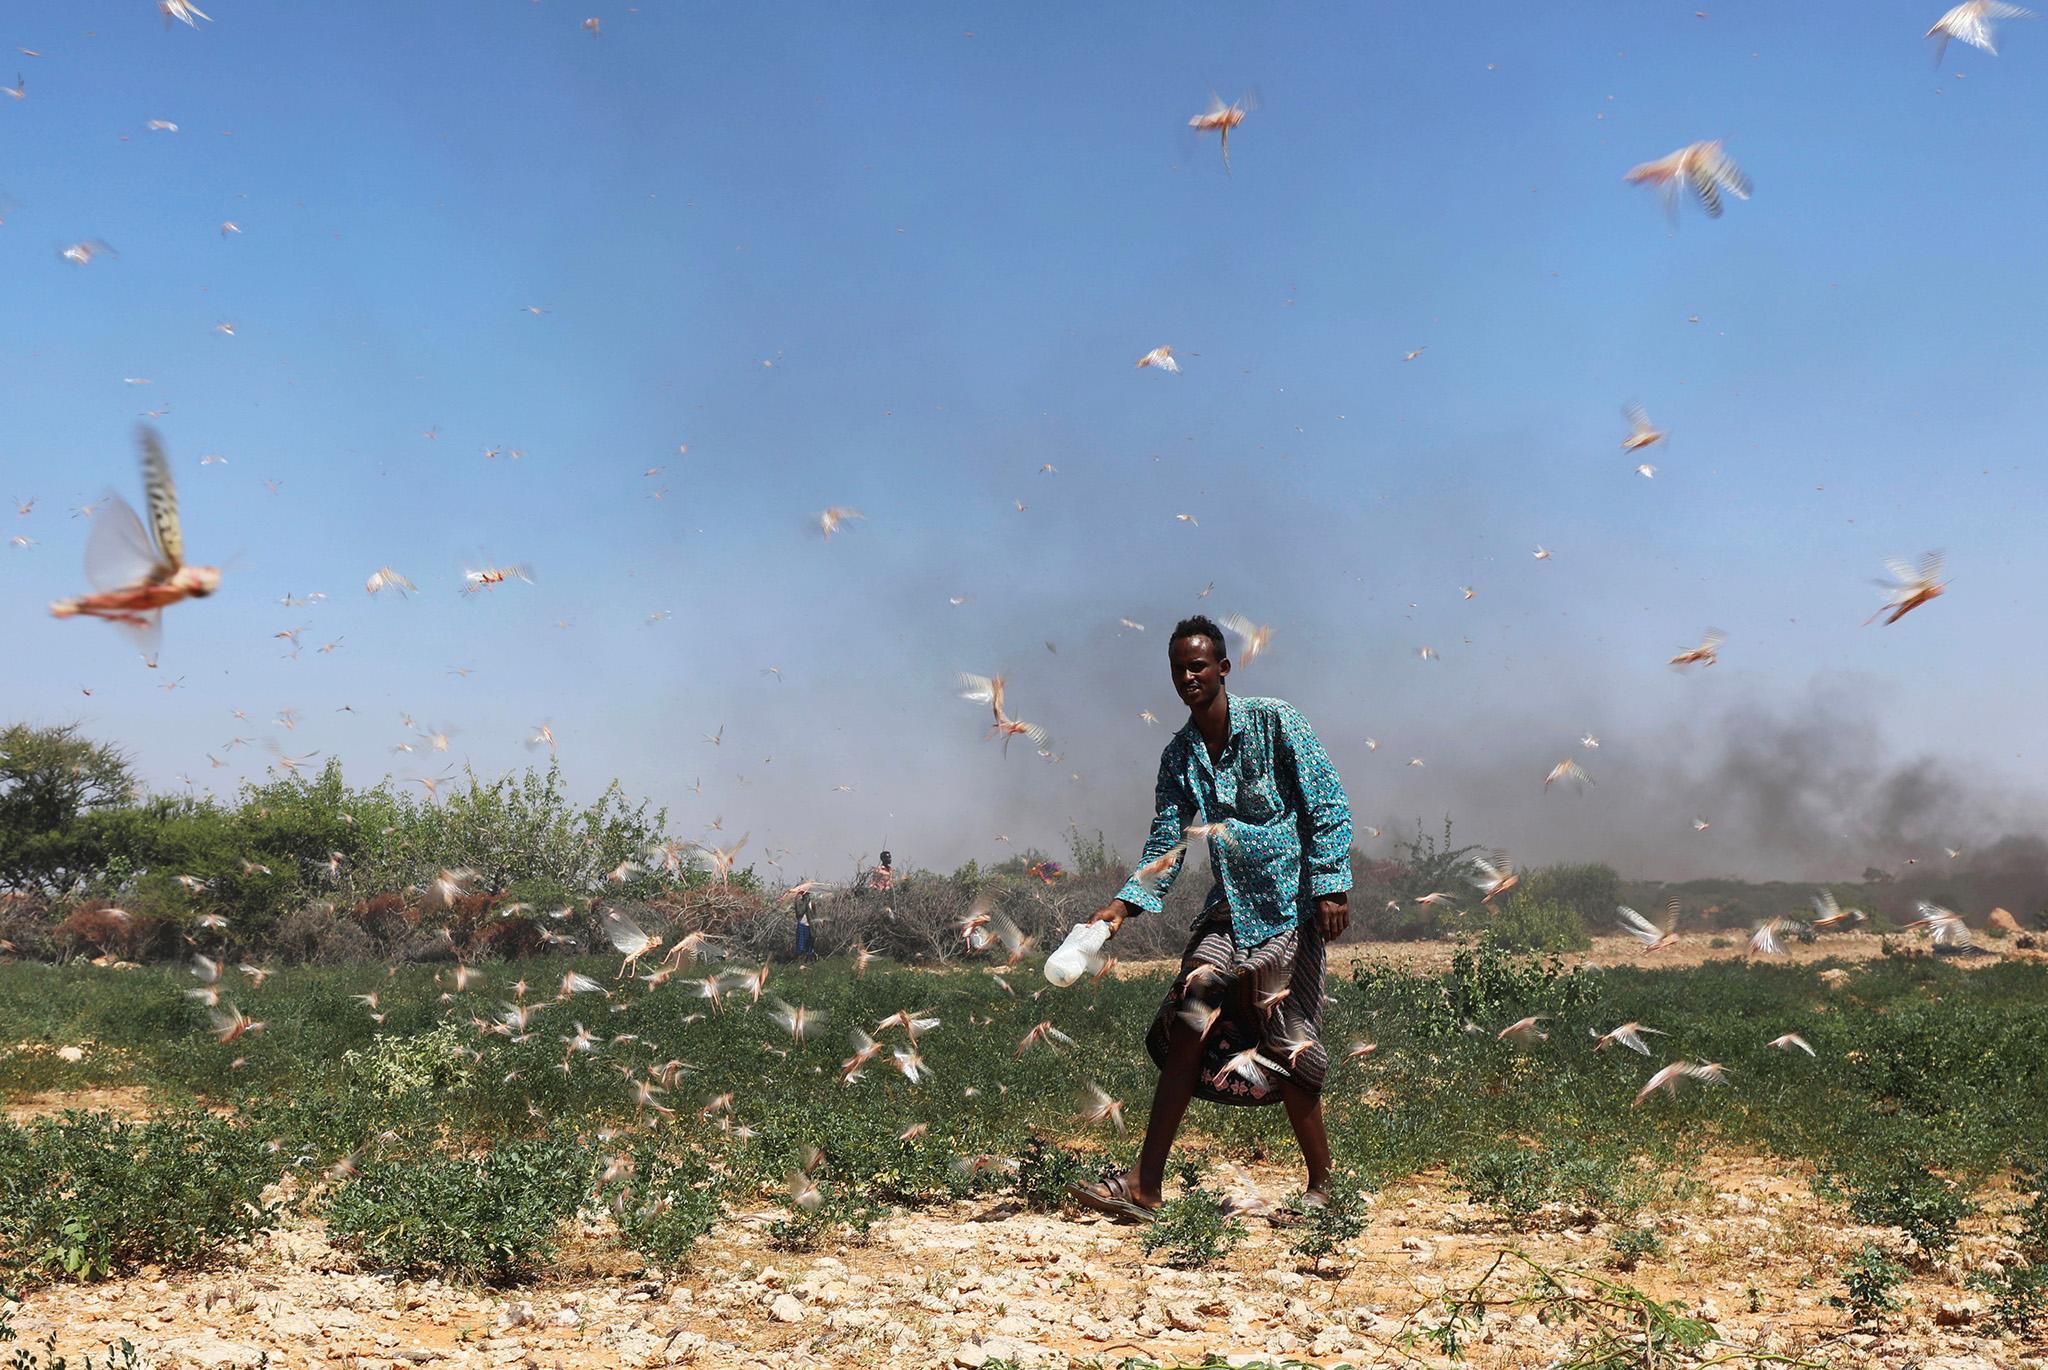 locust-invasion-somalia-8-0.jpg